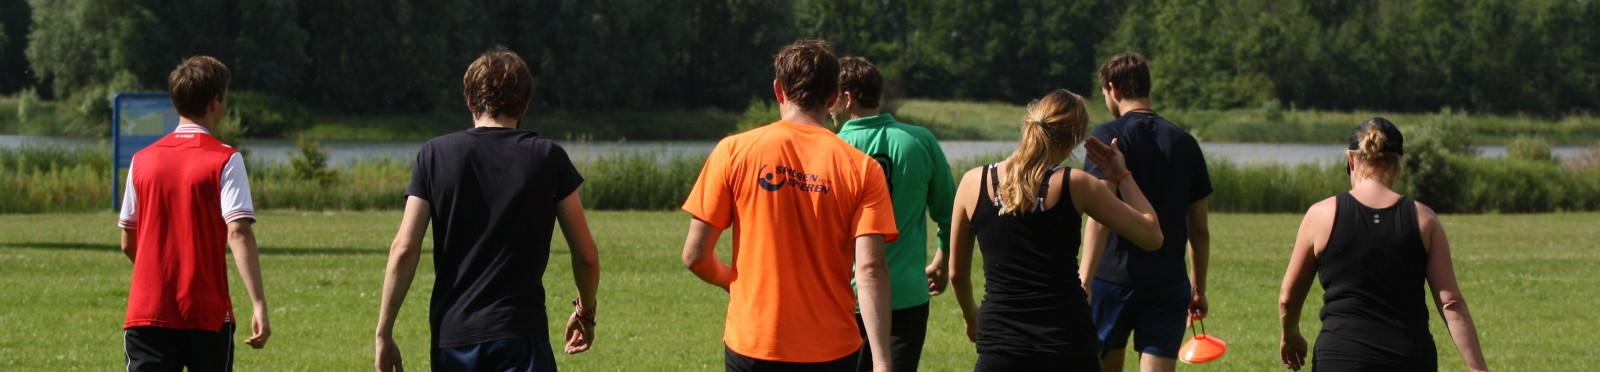 Kom gratis deelnemen aan een uitdagende bootcamp training!